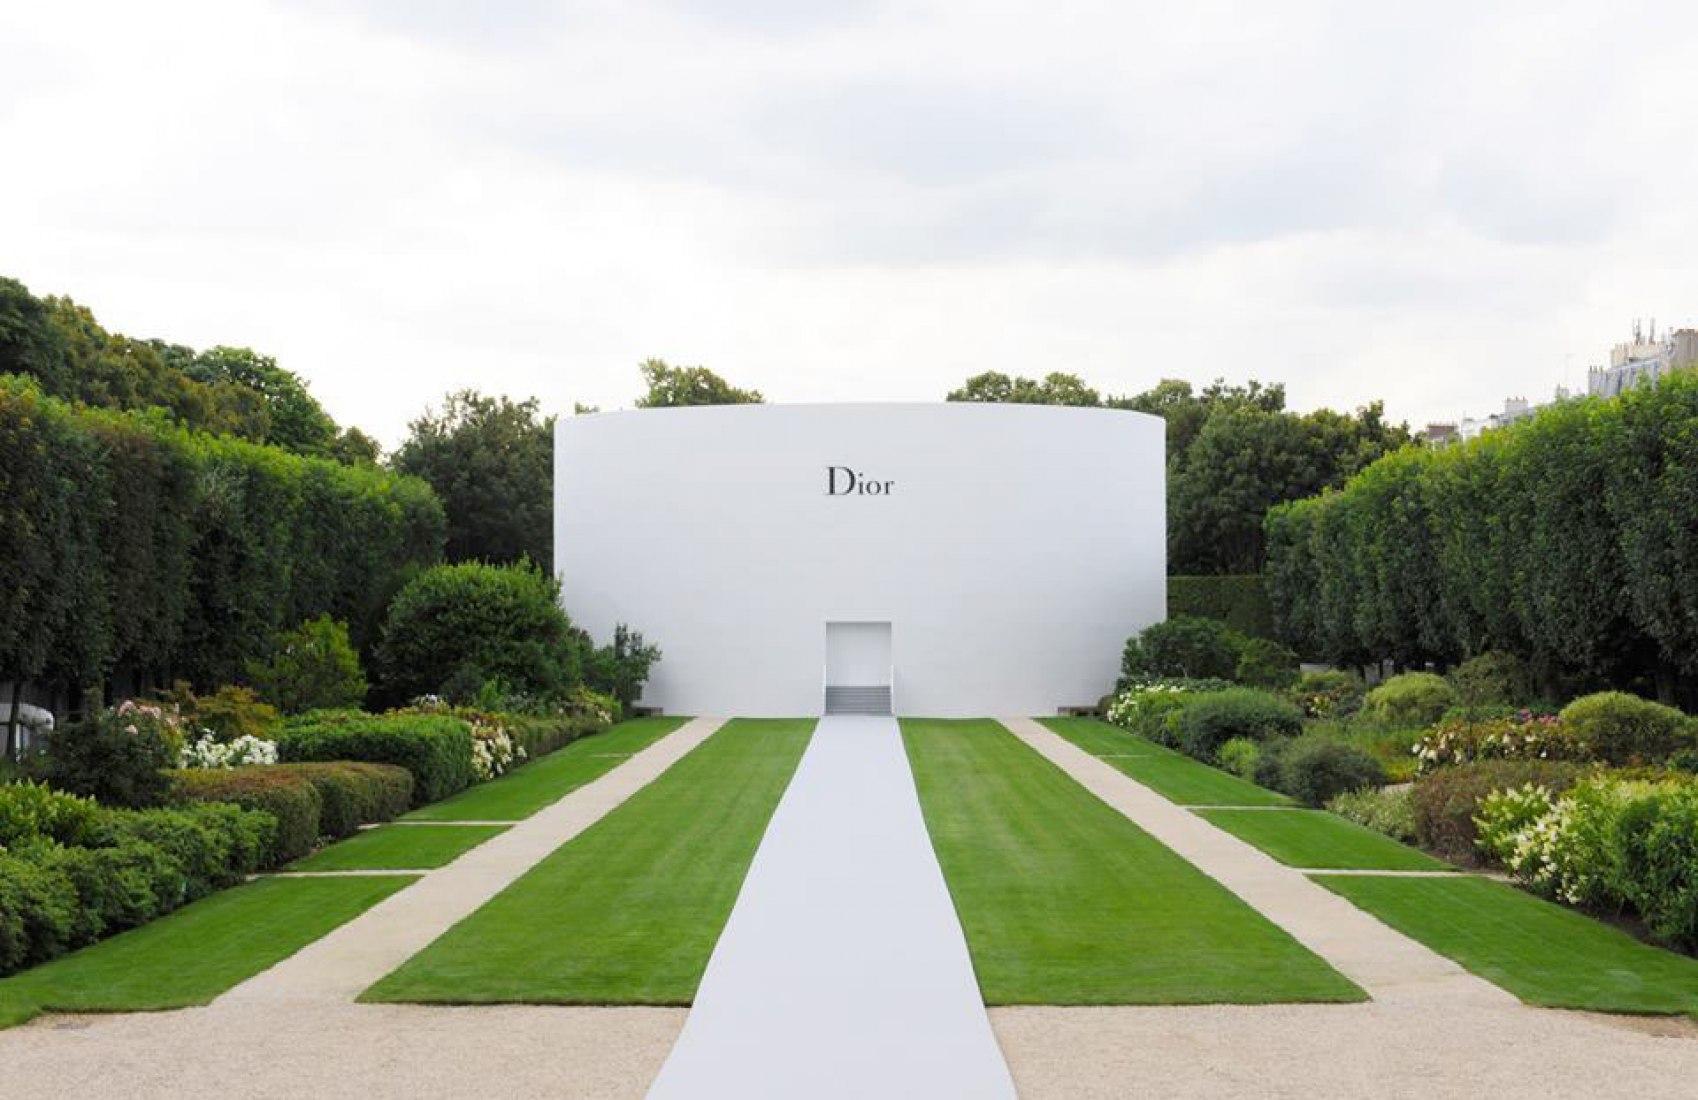 Pavilion, Dior couture Autumn-Winter 2014-15 collection show. By Bureau Betak.